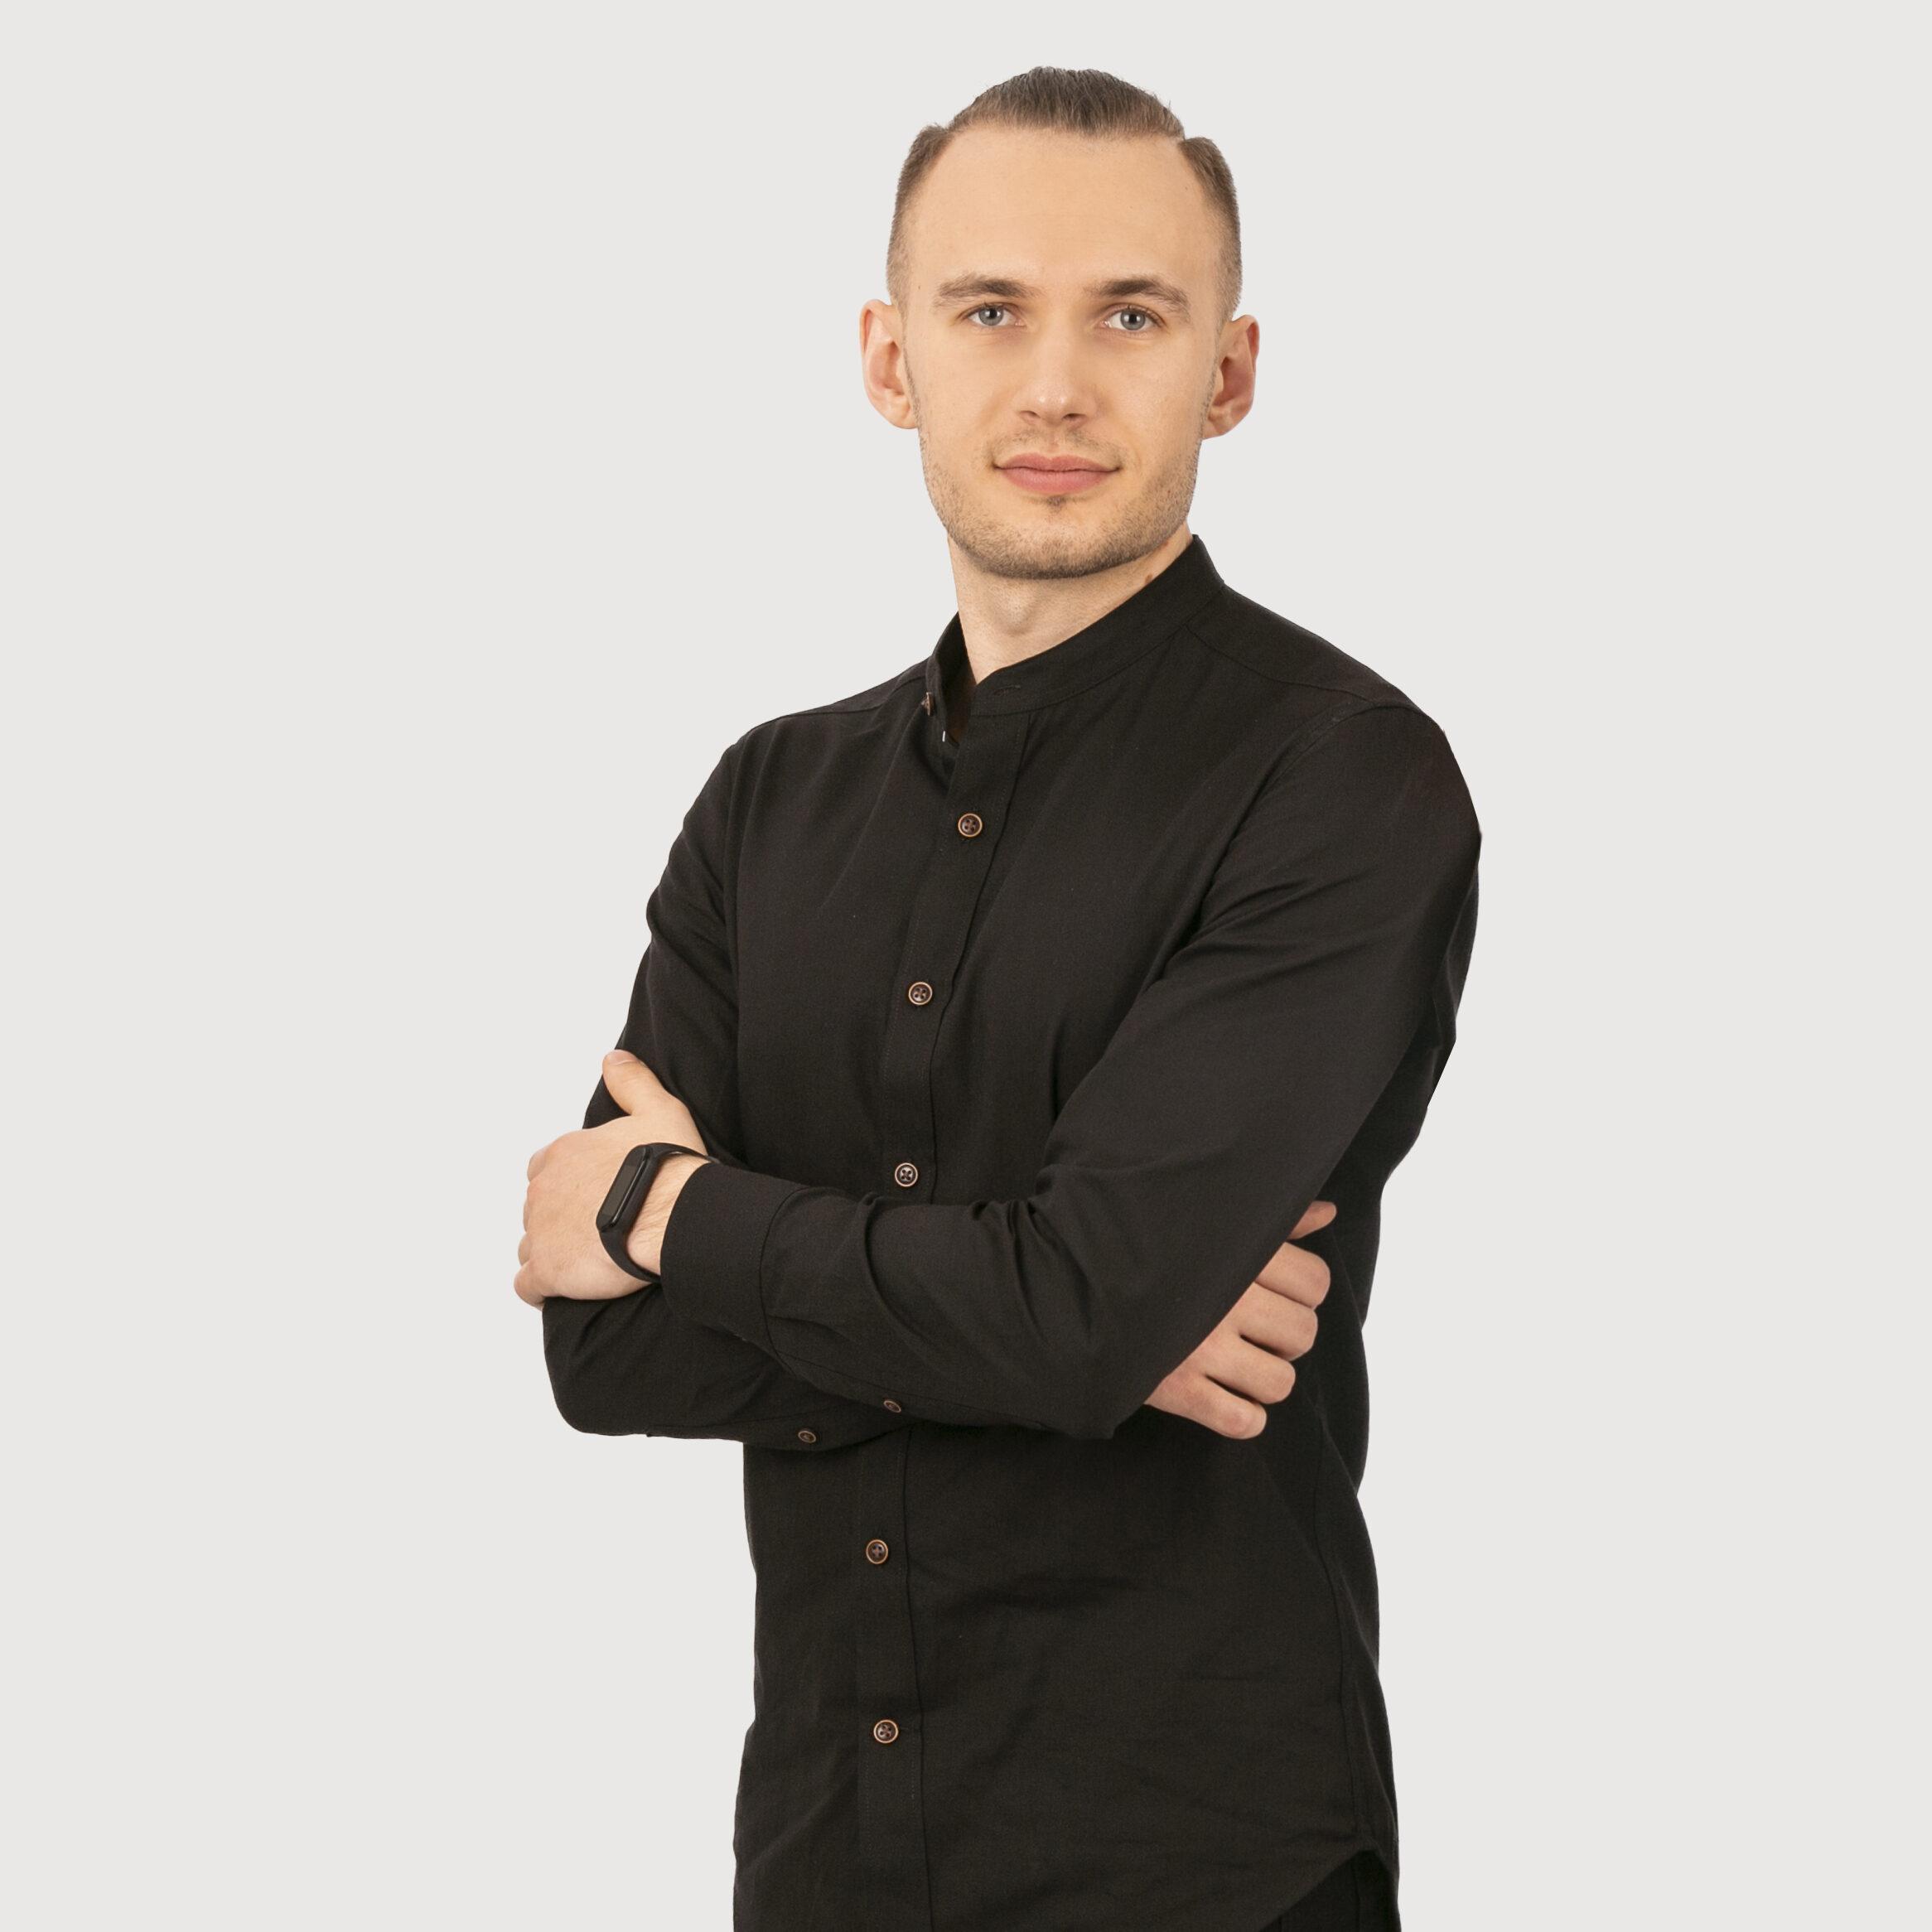 Paweł1 copy